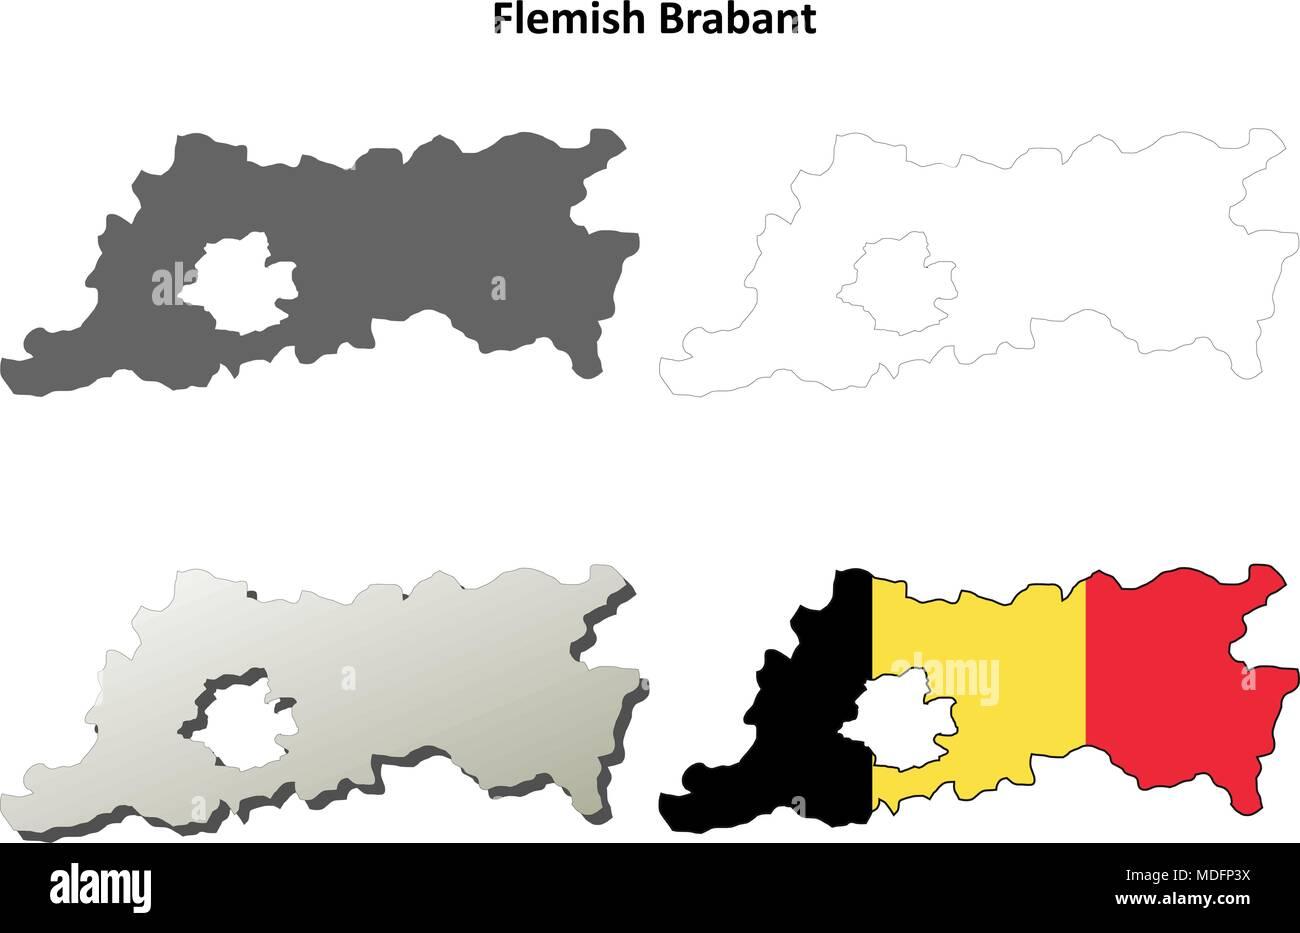 Belgien Karte Umriss.Flämisch Brabant Umriss Karte Set Belgische Version Vektor